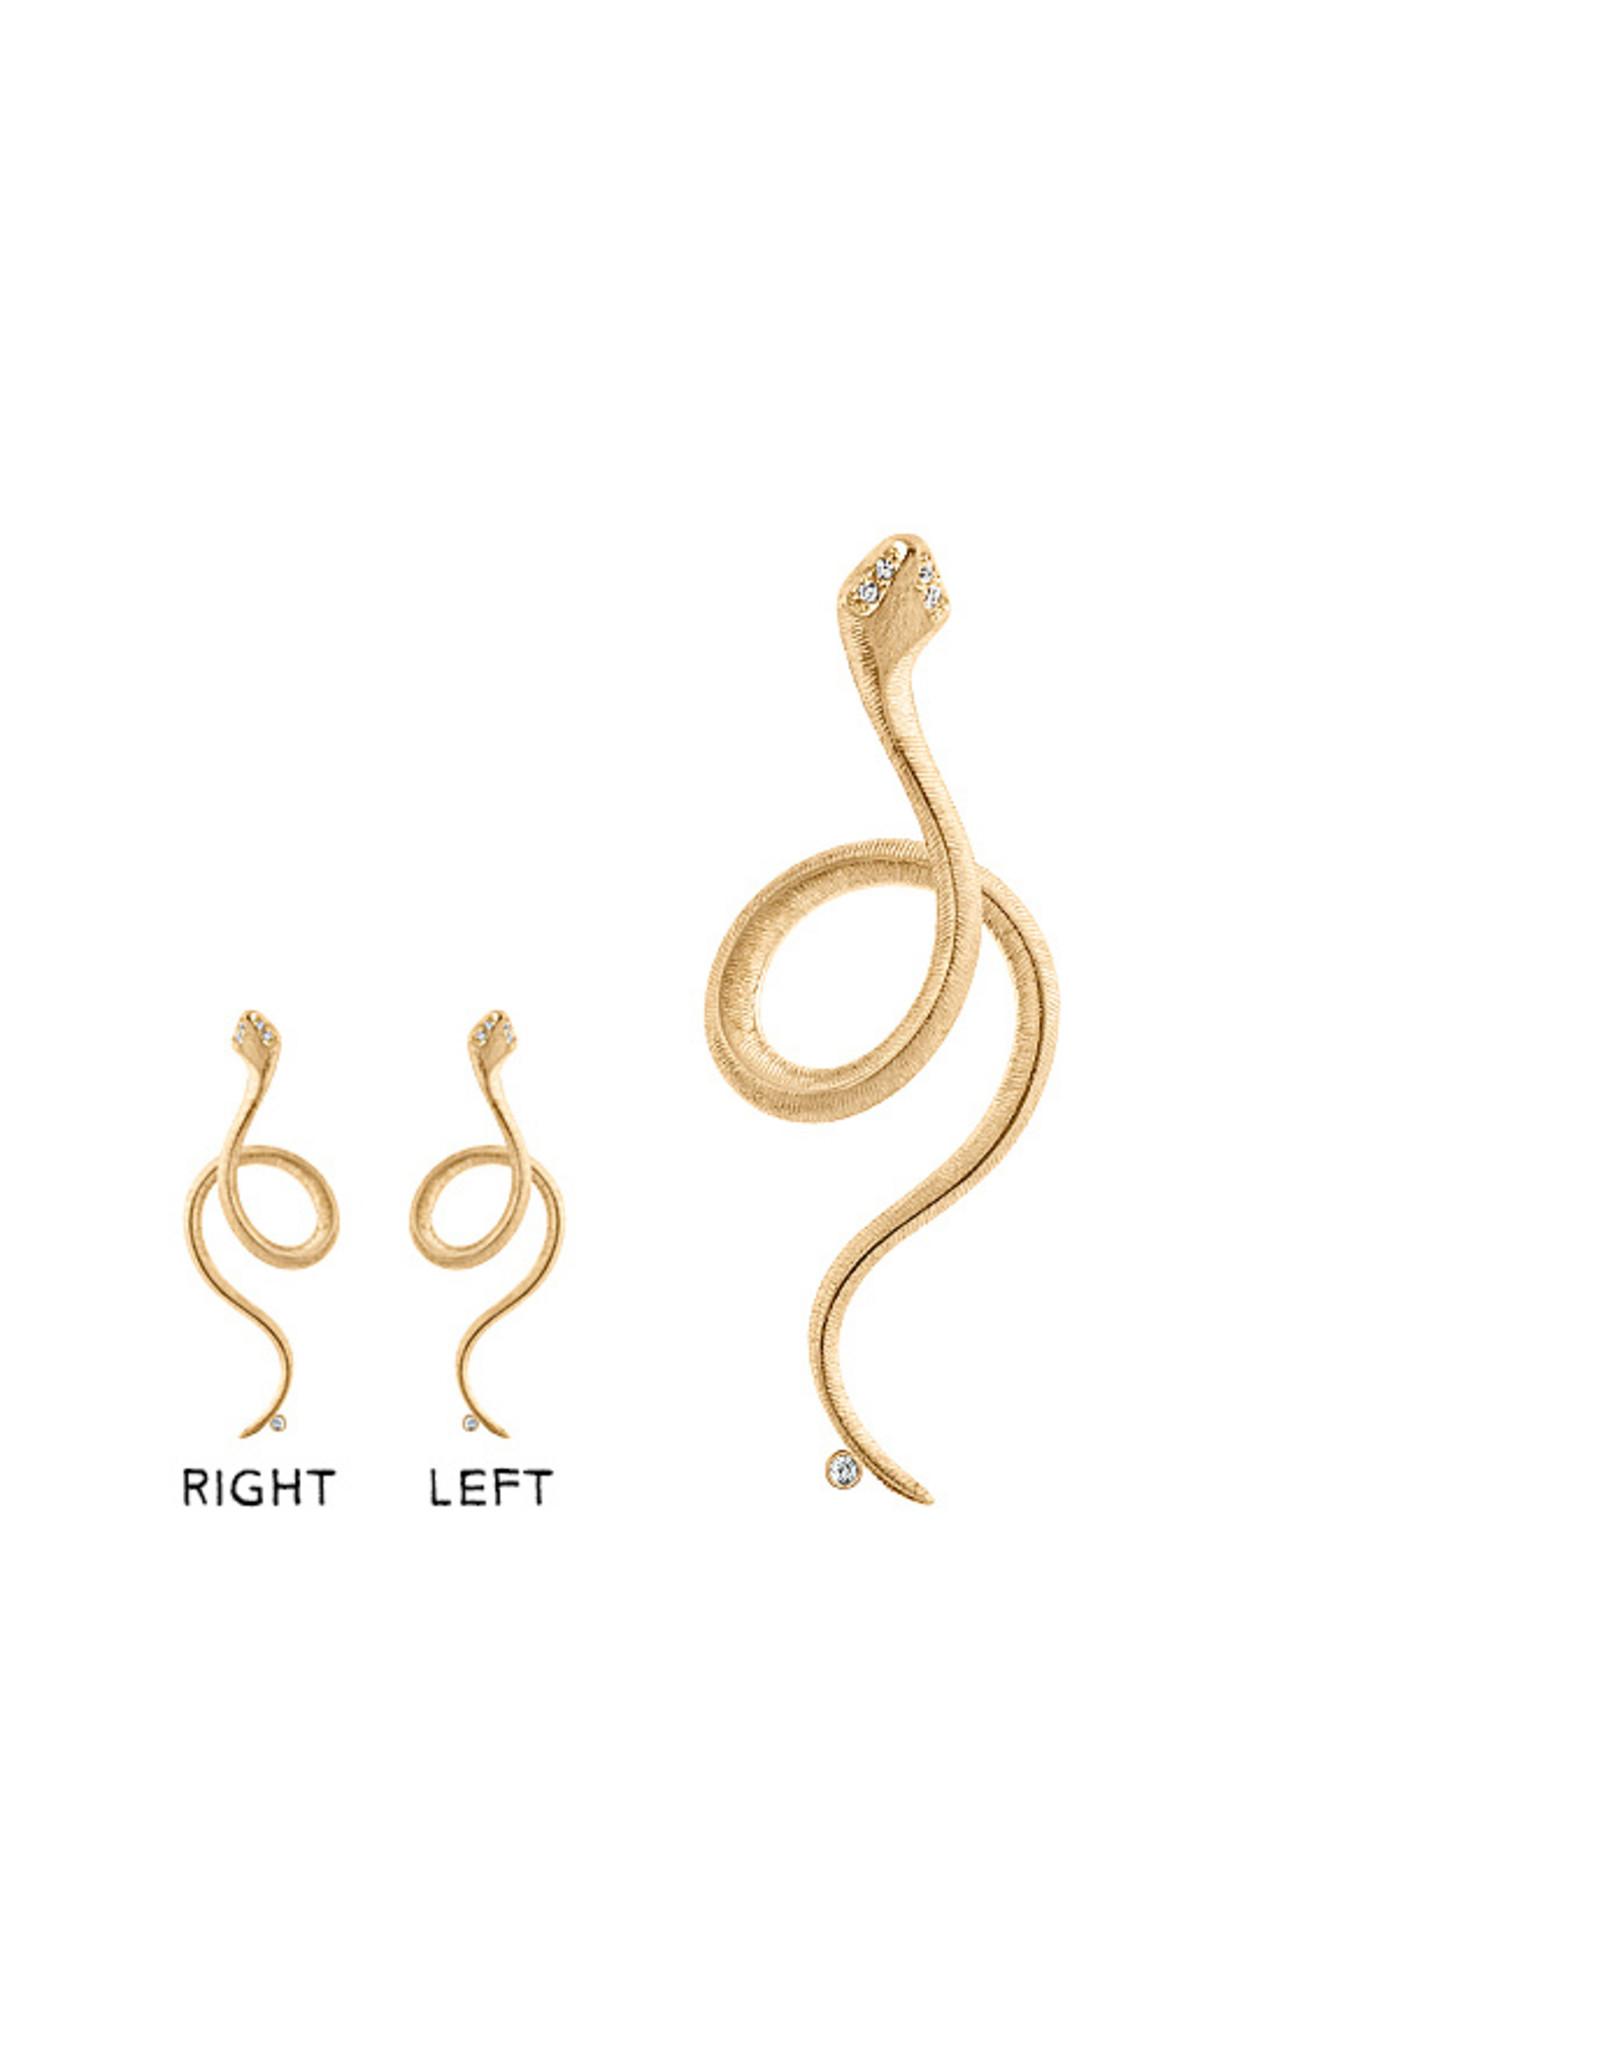 Ole Lynggaard Oorring Snakes (1 oorring - rechts)